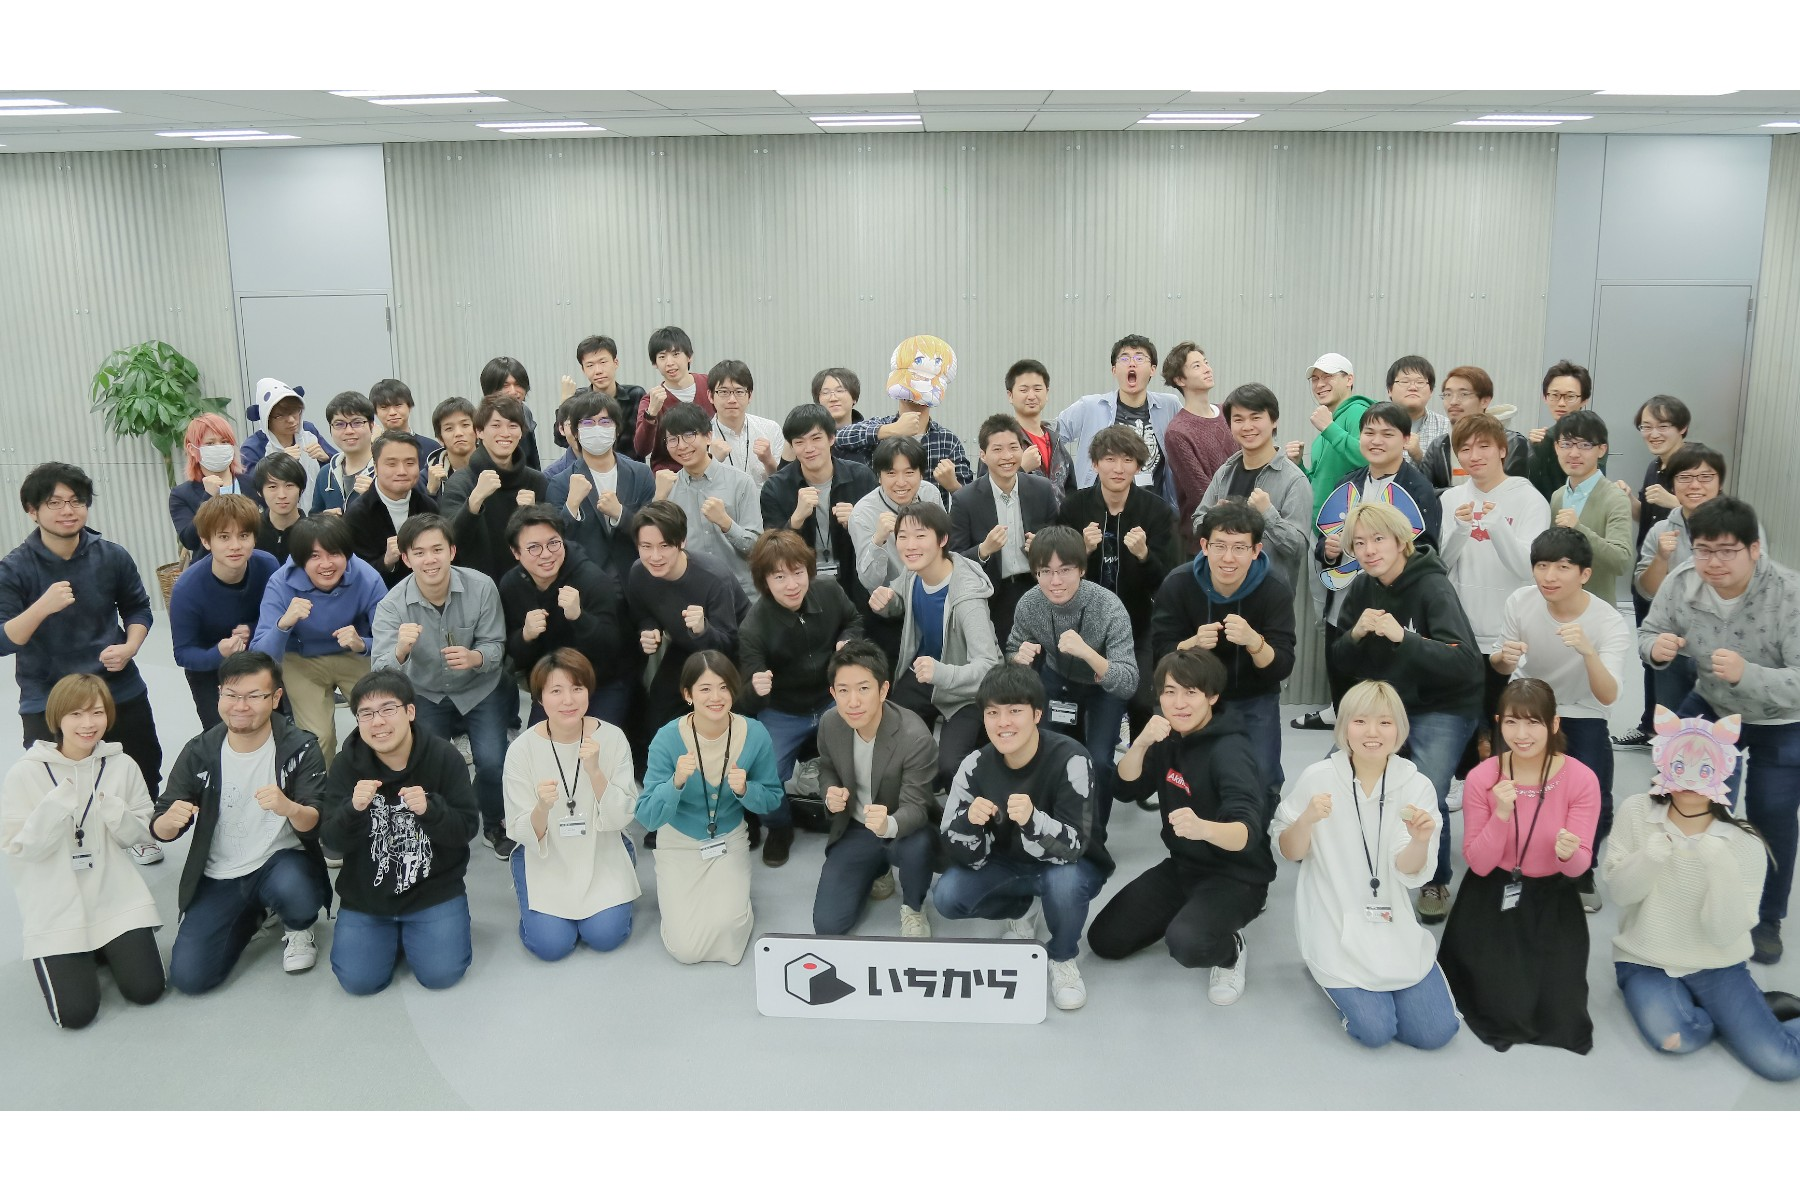 VTuberグループ「にじさんじ」を運営するいちから、約19億円の資金調達を実施